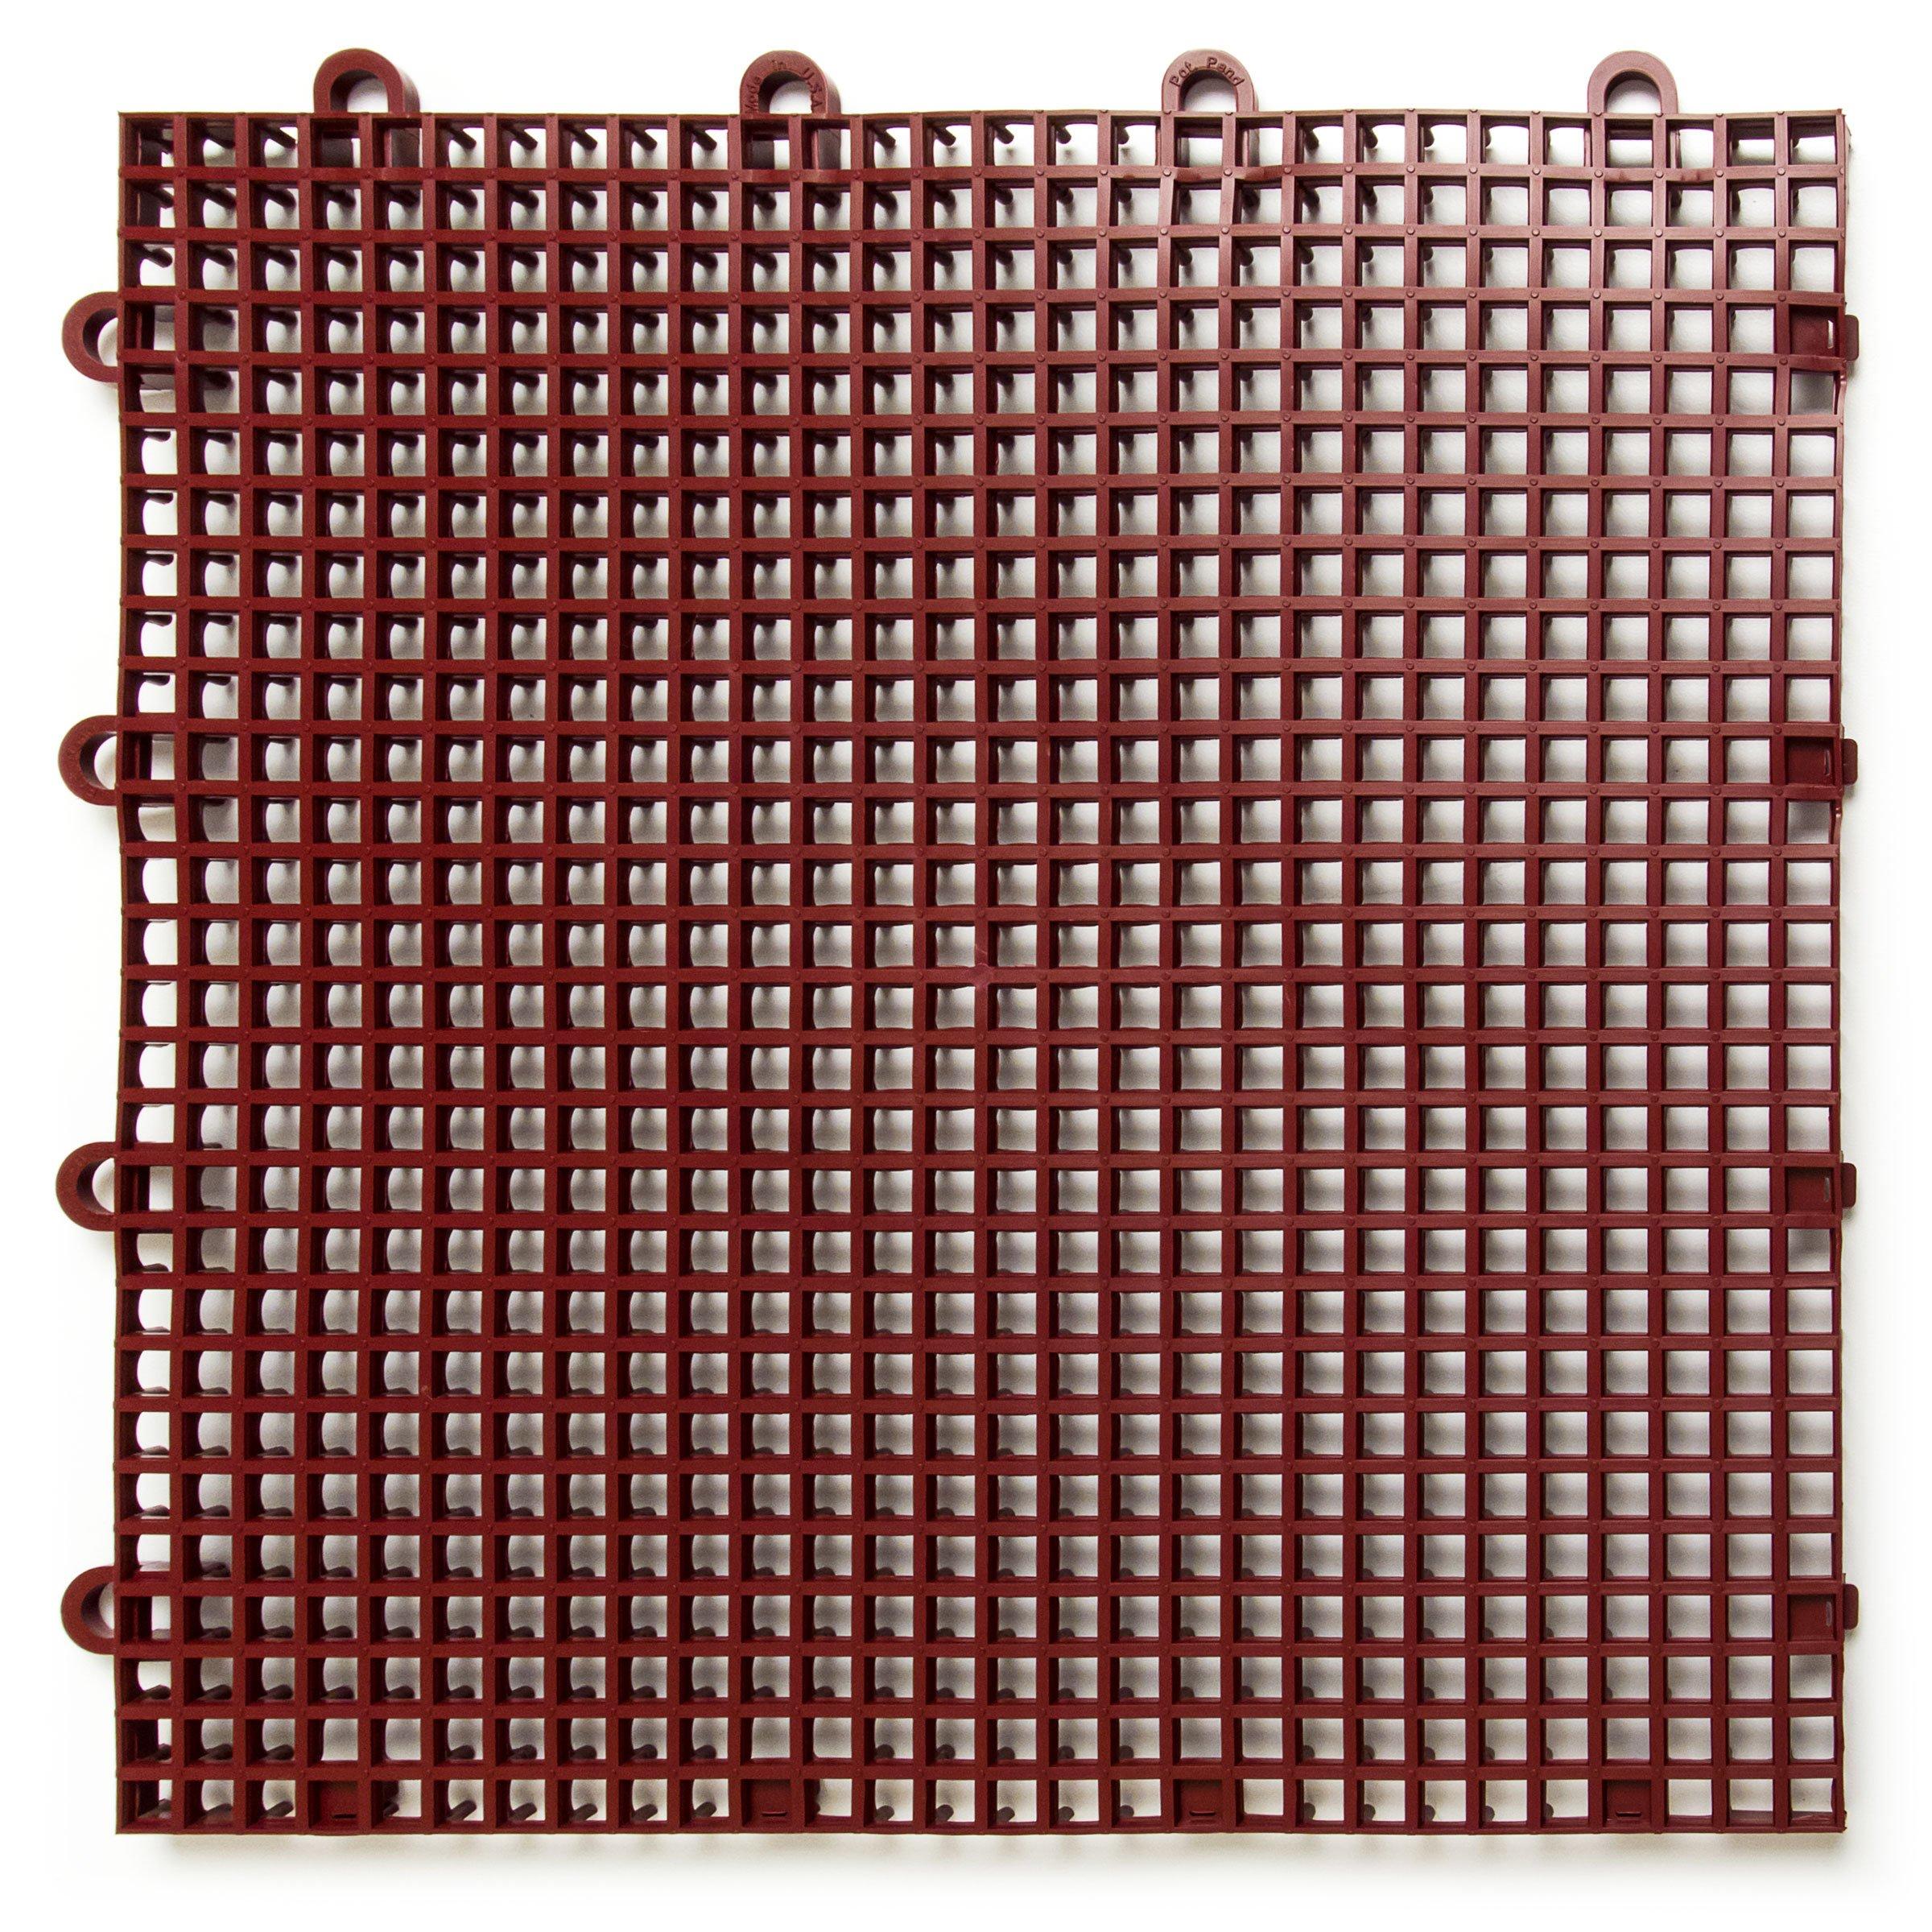 DuraGrid STBRIK Comfort Interlocking Modular Multi-Use Safety Floor Matting, Single Tile, Brick Red by DuraGrid® (Image #1)